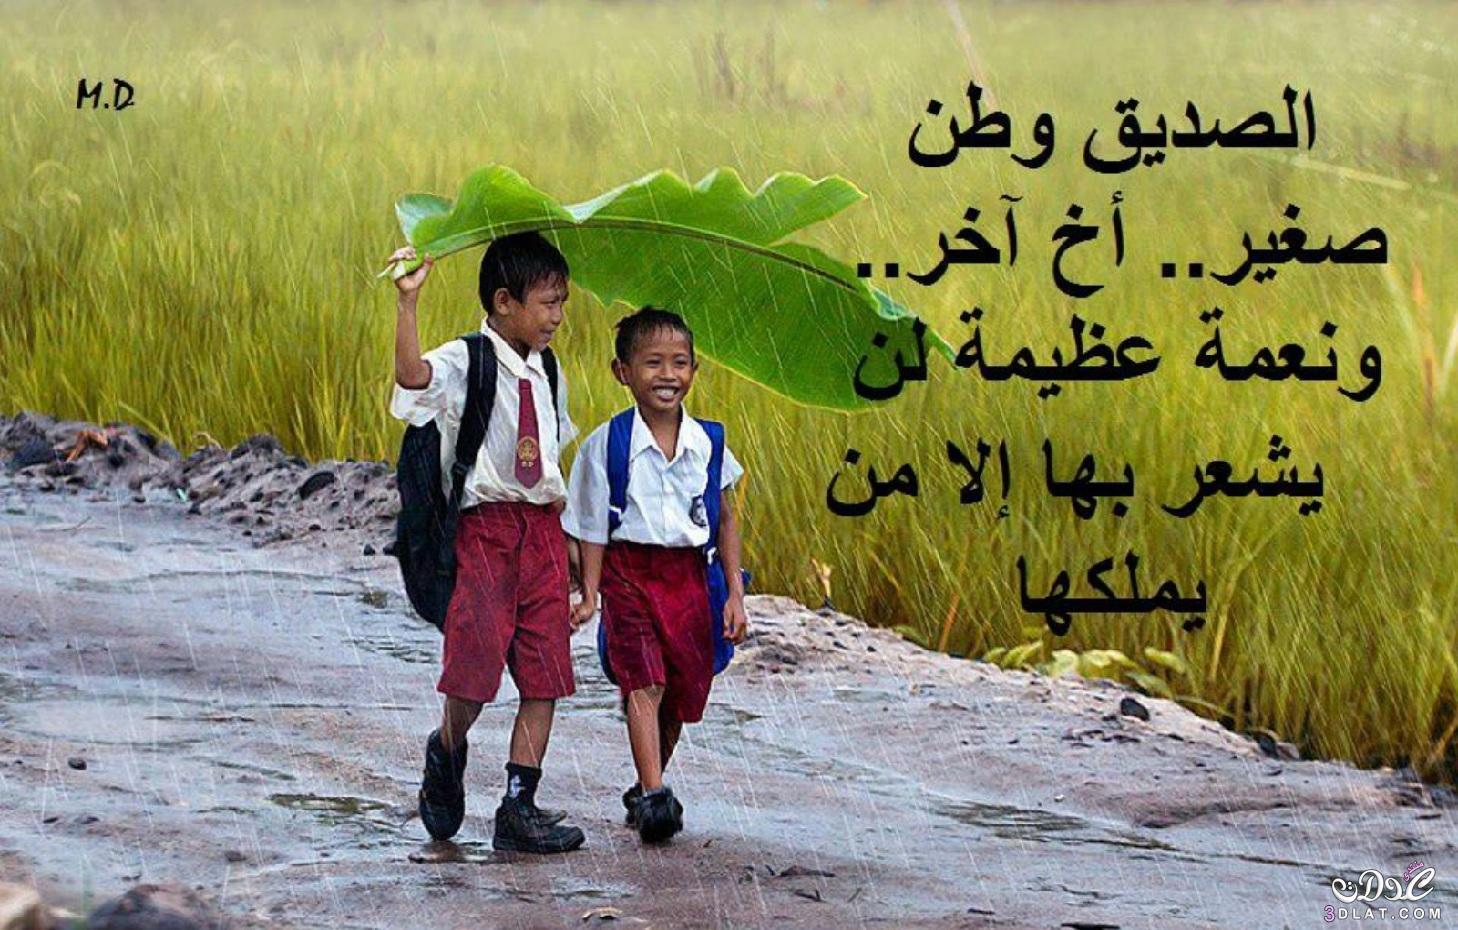 رائعة مصورة مأثورة 3dlat.net_23_15_5fcb